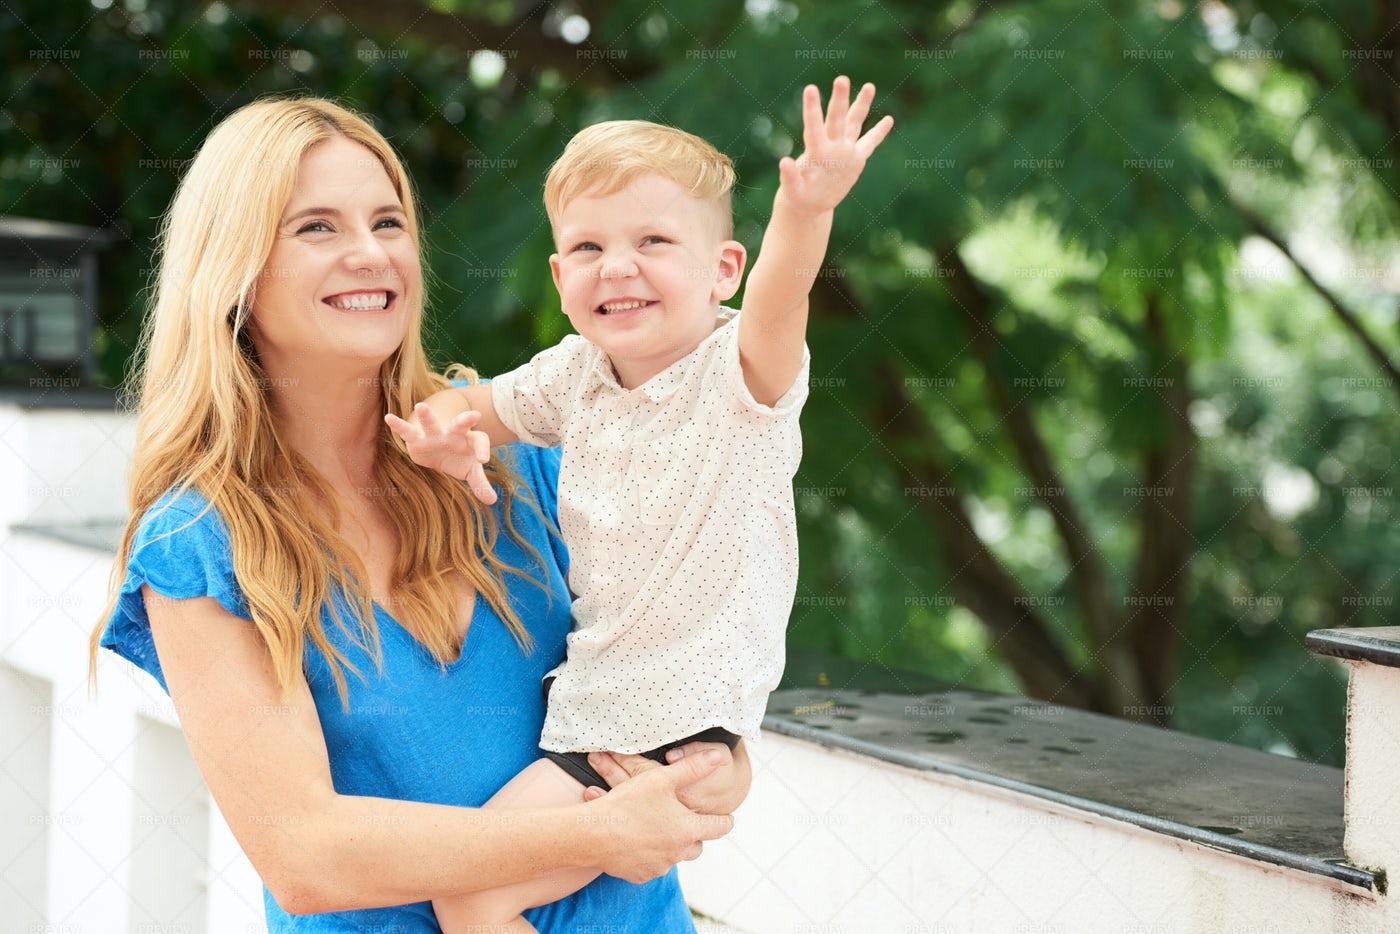 Motherhood: Stock Photos